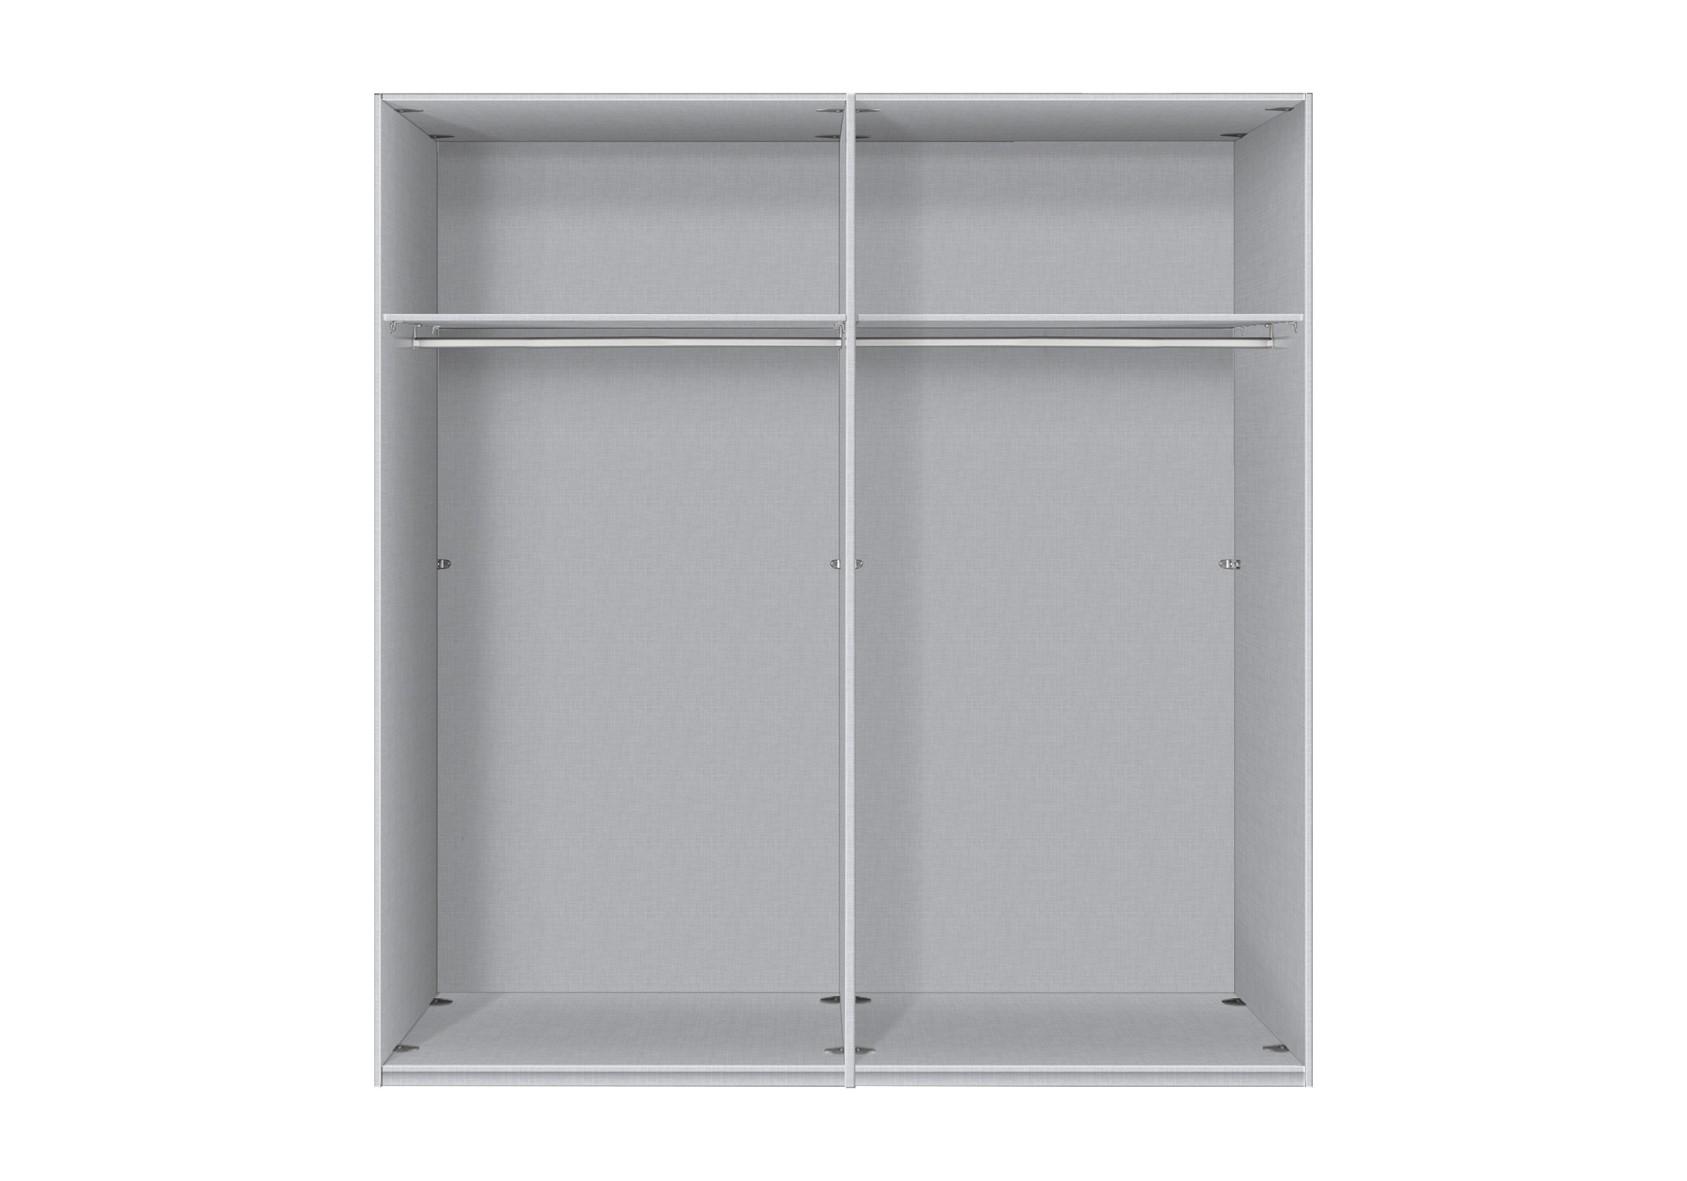 Bemerkenswert Kleiderschrank 250 Breit Foto Von Express Möbel Drehtürenschrank Caja Im überdimensionalen Kisten